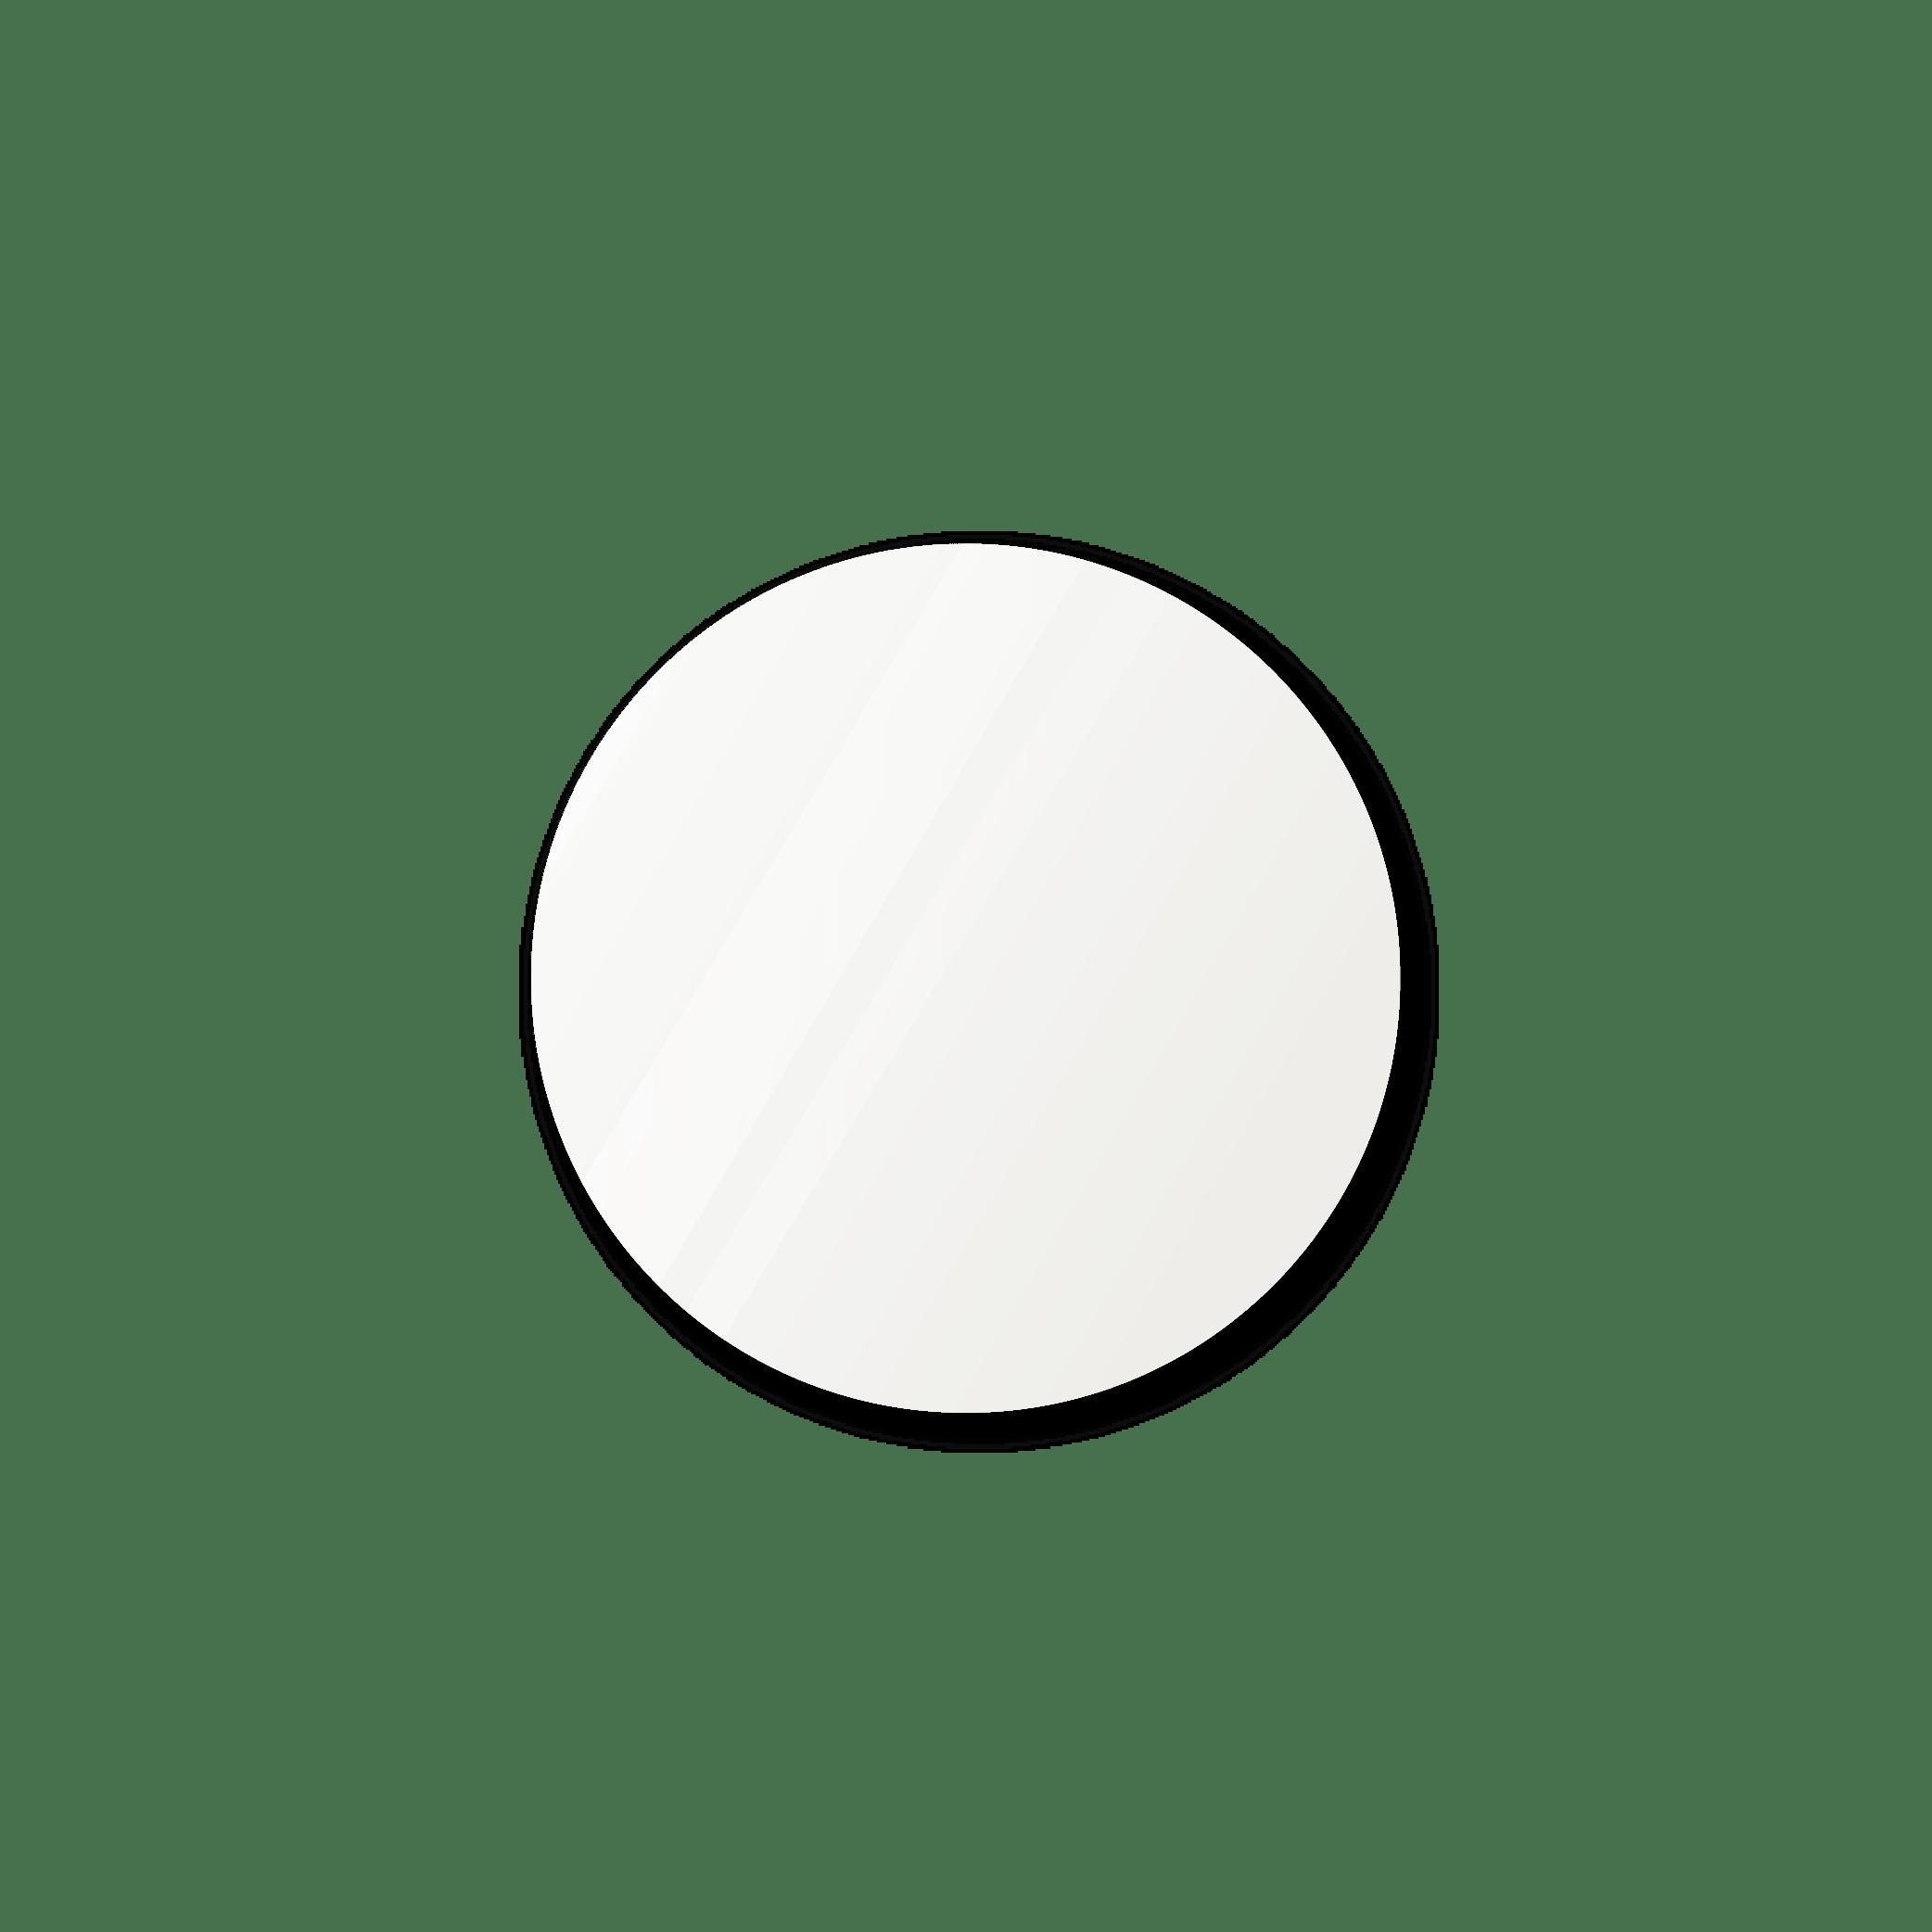 Круглое зеркало диаметром 430 мм с фацетом 25 мм осветленные для монтажа на клей